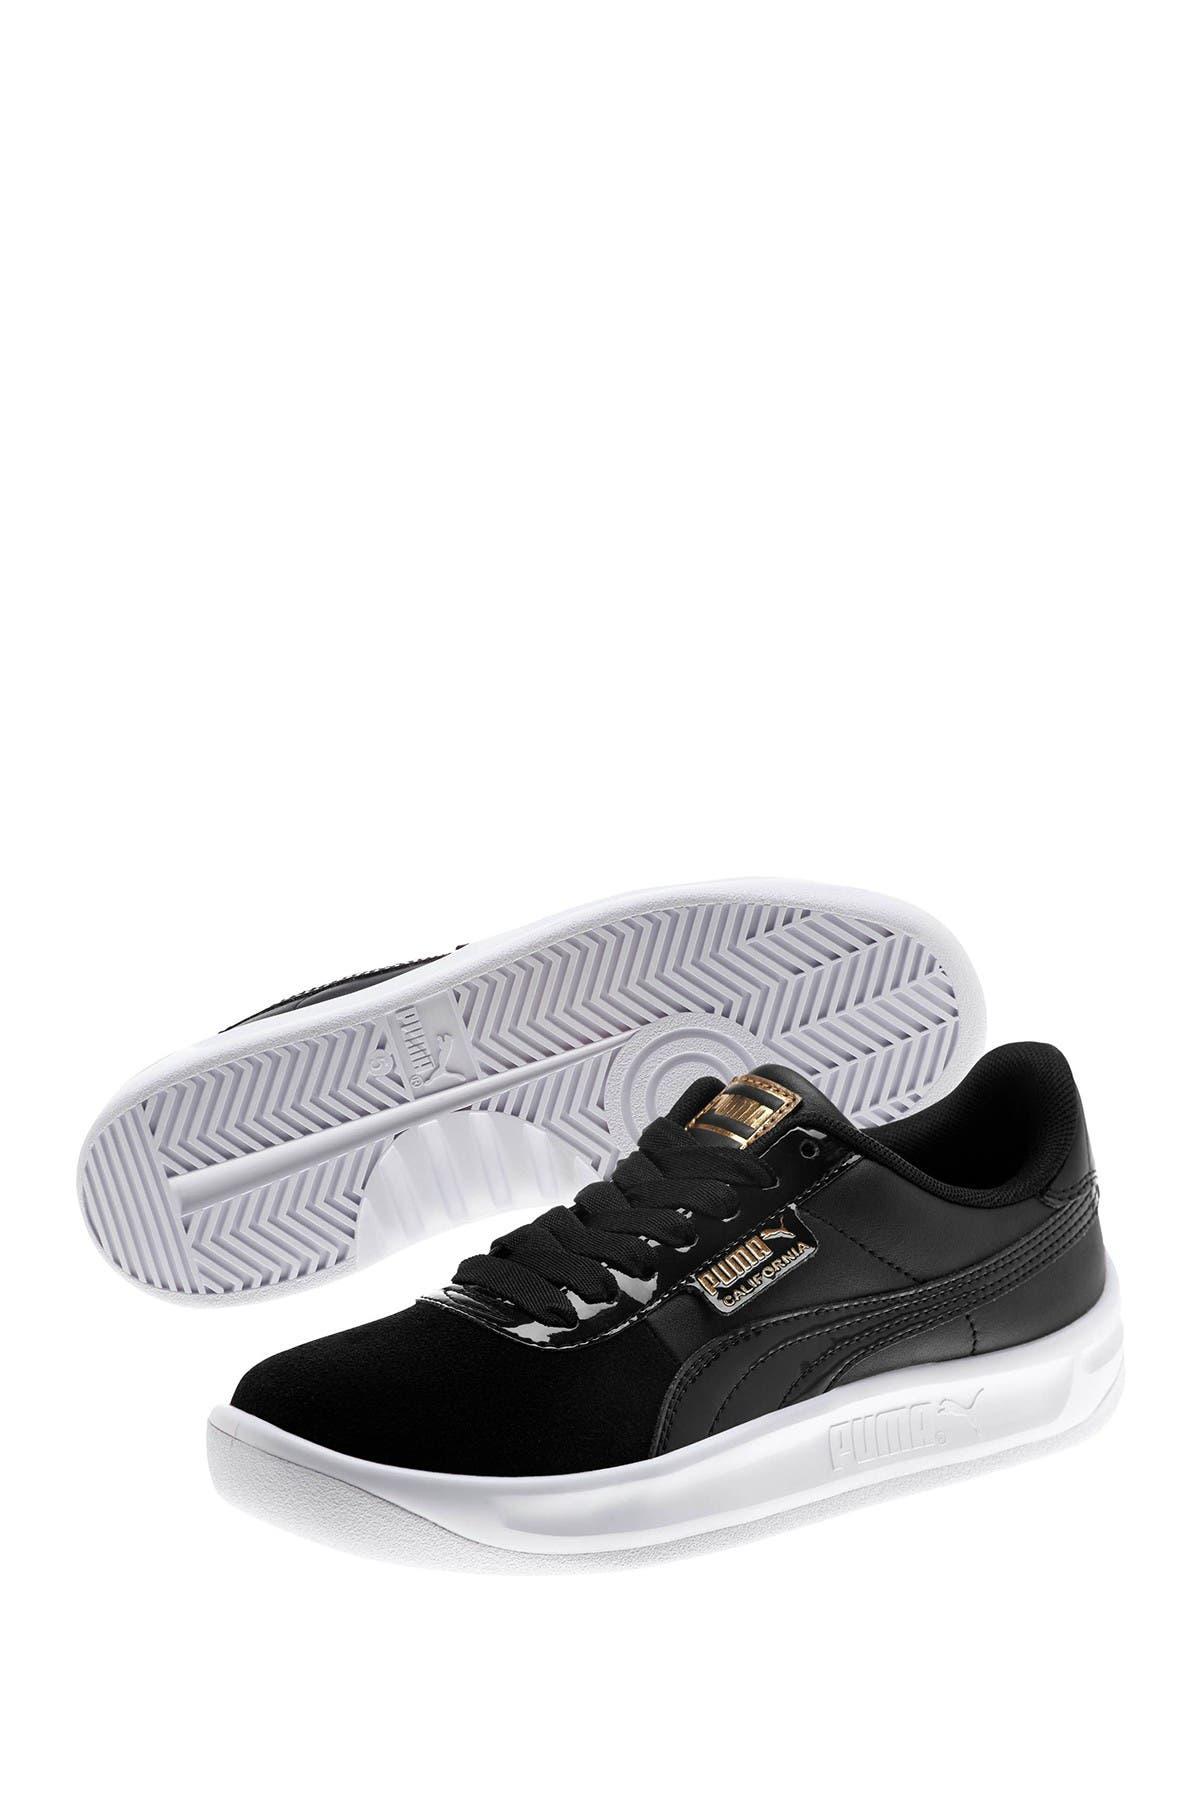 PUMA | California Monochrome Sneaker